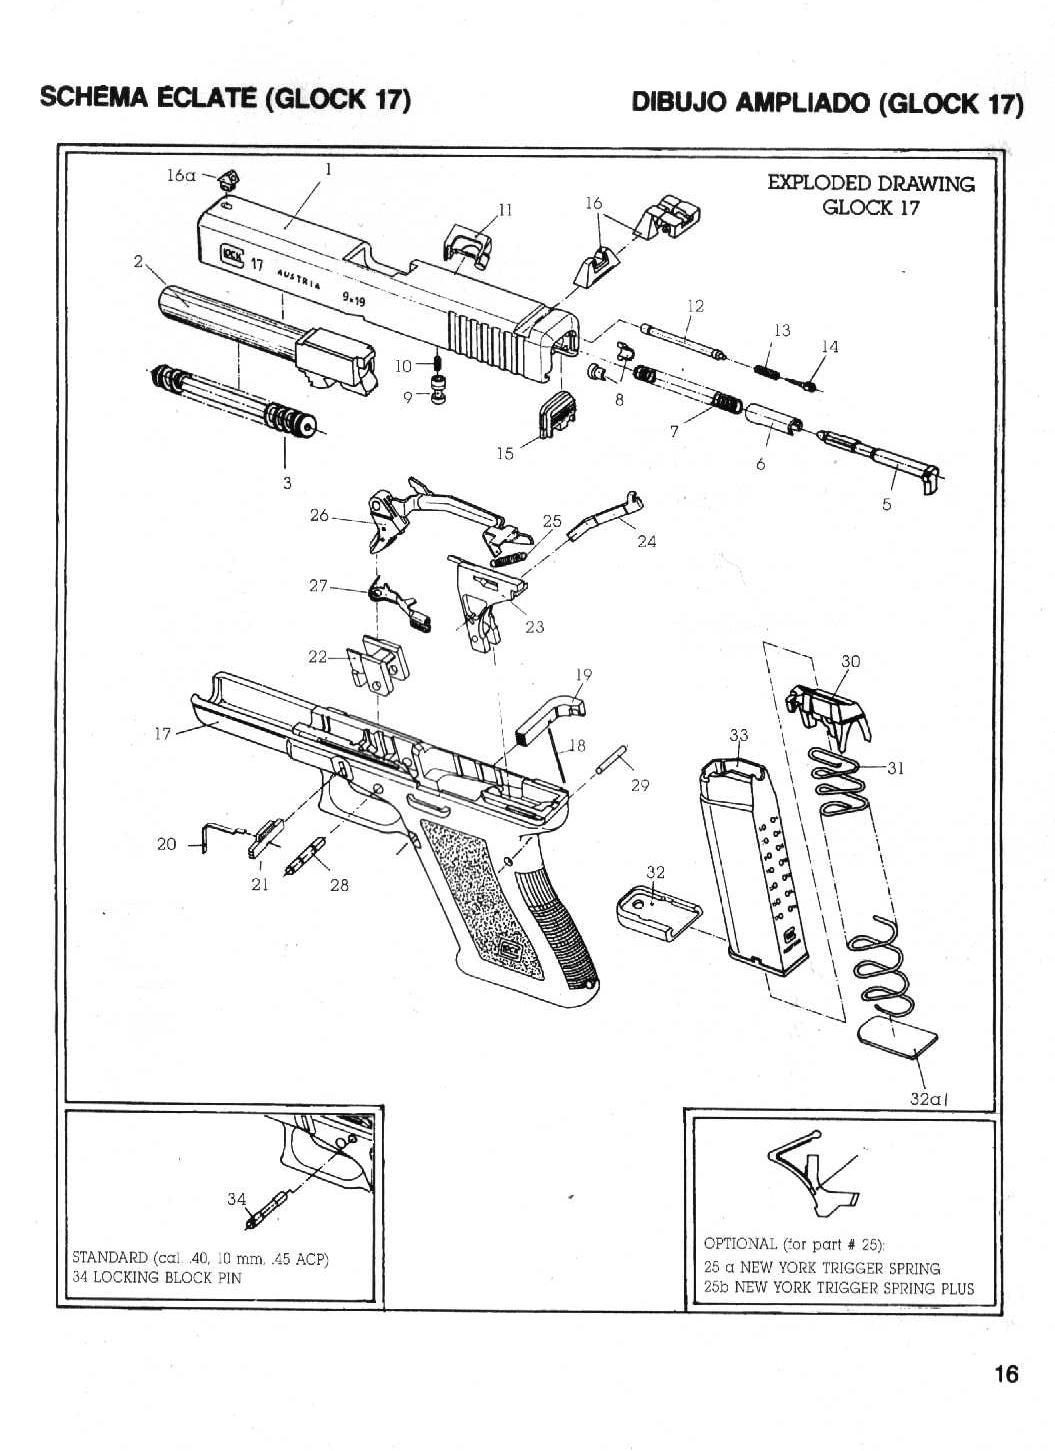 Bedienungsanleitung Glock 17 Gen3 Pulverdampf Diagram Http Tiropraticocom Esplosi Glock1